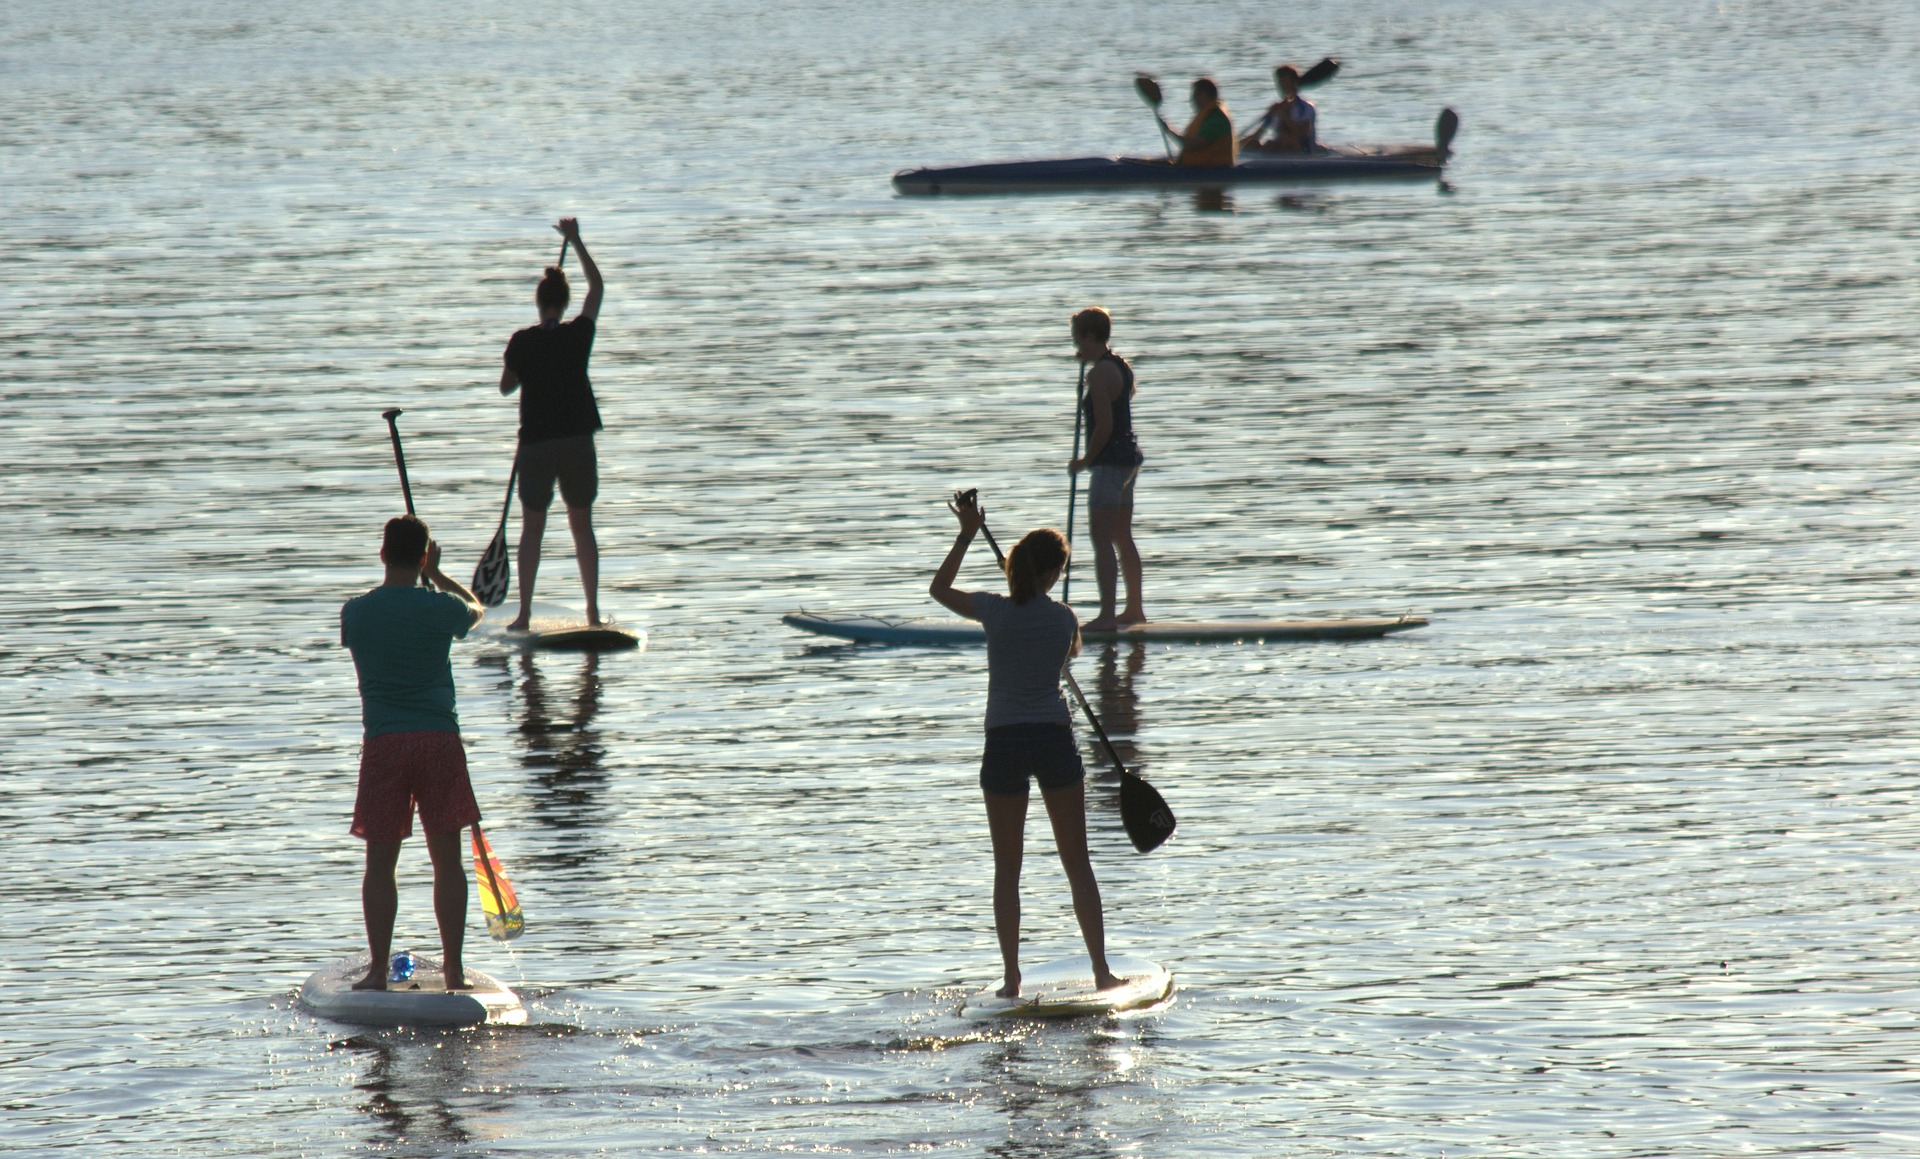 5 bonnes raisons de se mettre au stand up paddle